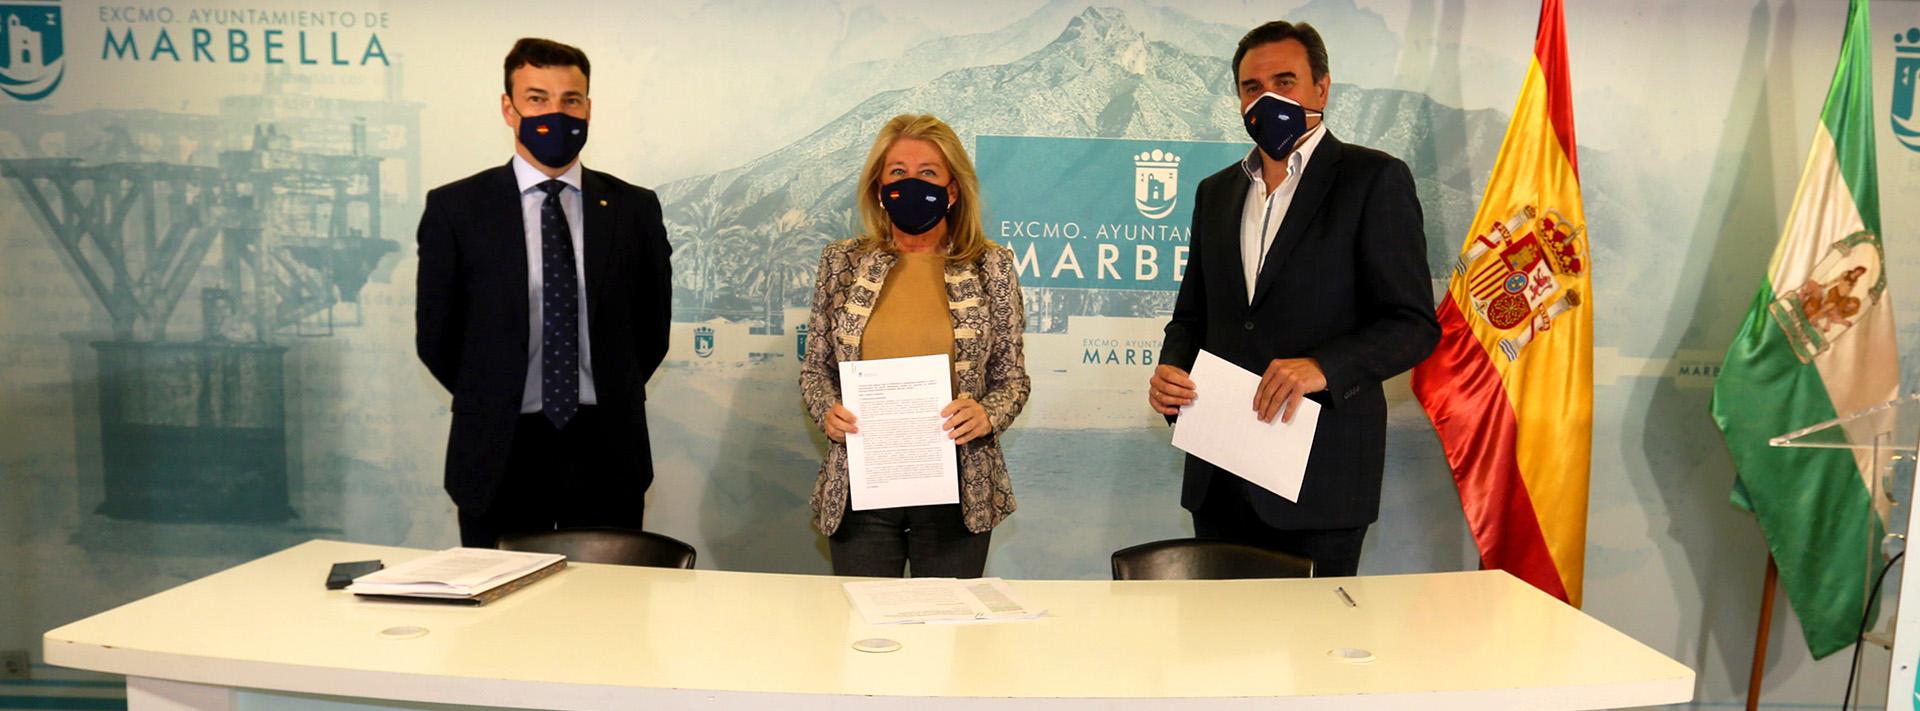 Prometen destinar 2 millones de euros en ayudas directas a las pequeñas empresas y autónomos